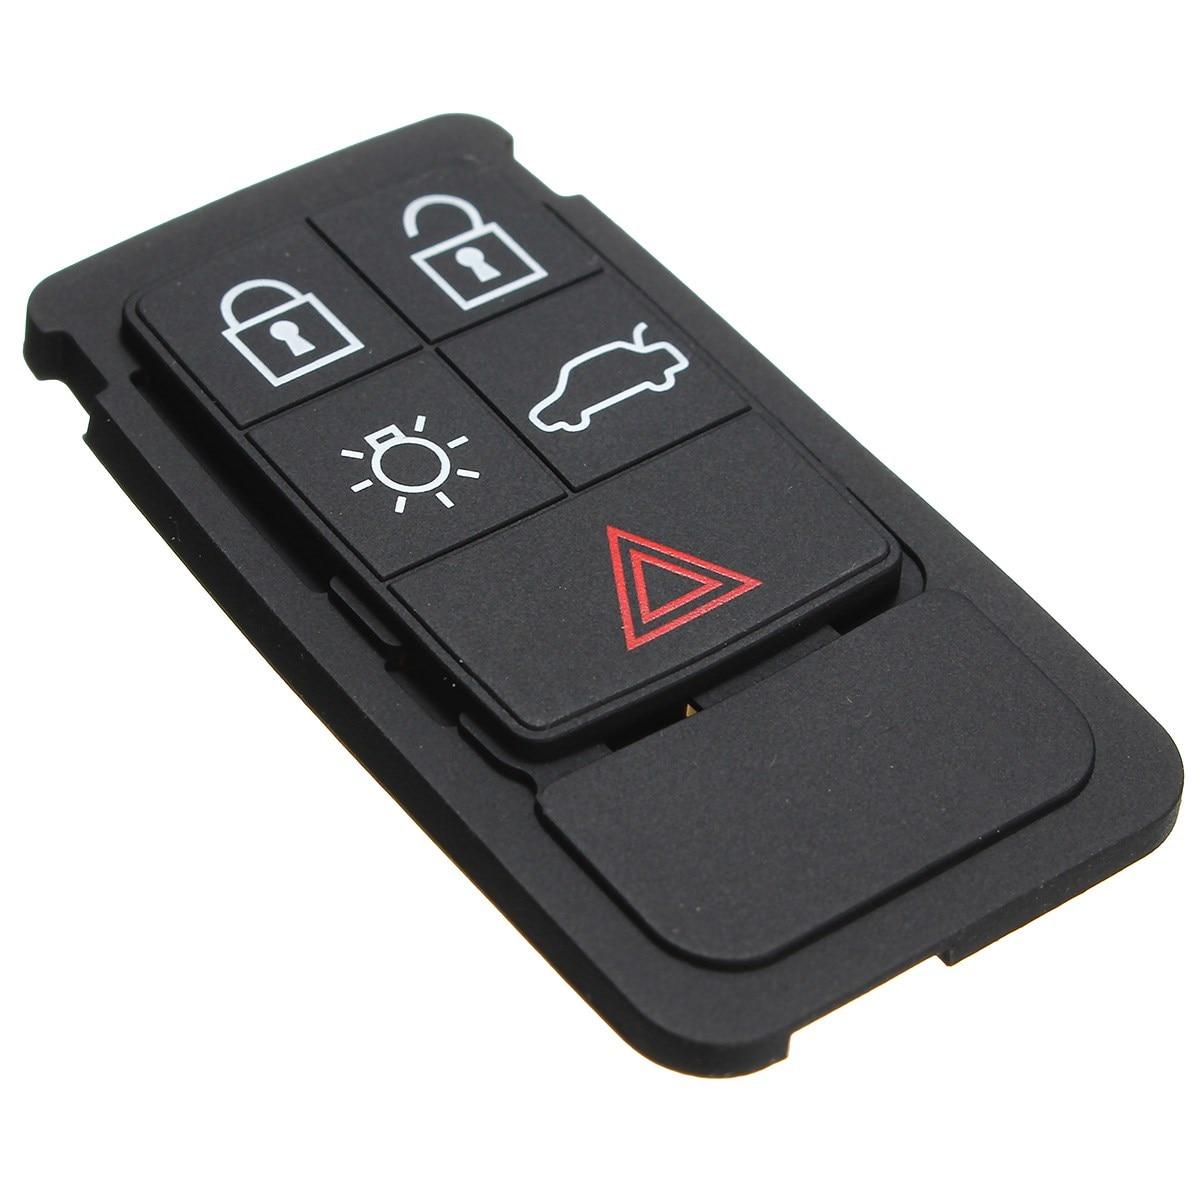 5 Tasten Remote Key Gummi Pad Ersatz Fob Fit Für Volvo S60 S80 Xc70 Xc90 Schwarz Gummi Matte Remote Key Fob Silikon Fall Kunden Zuerst